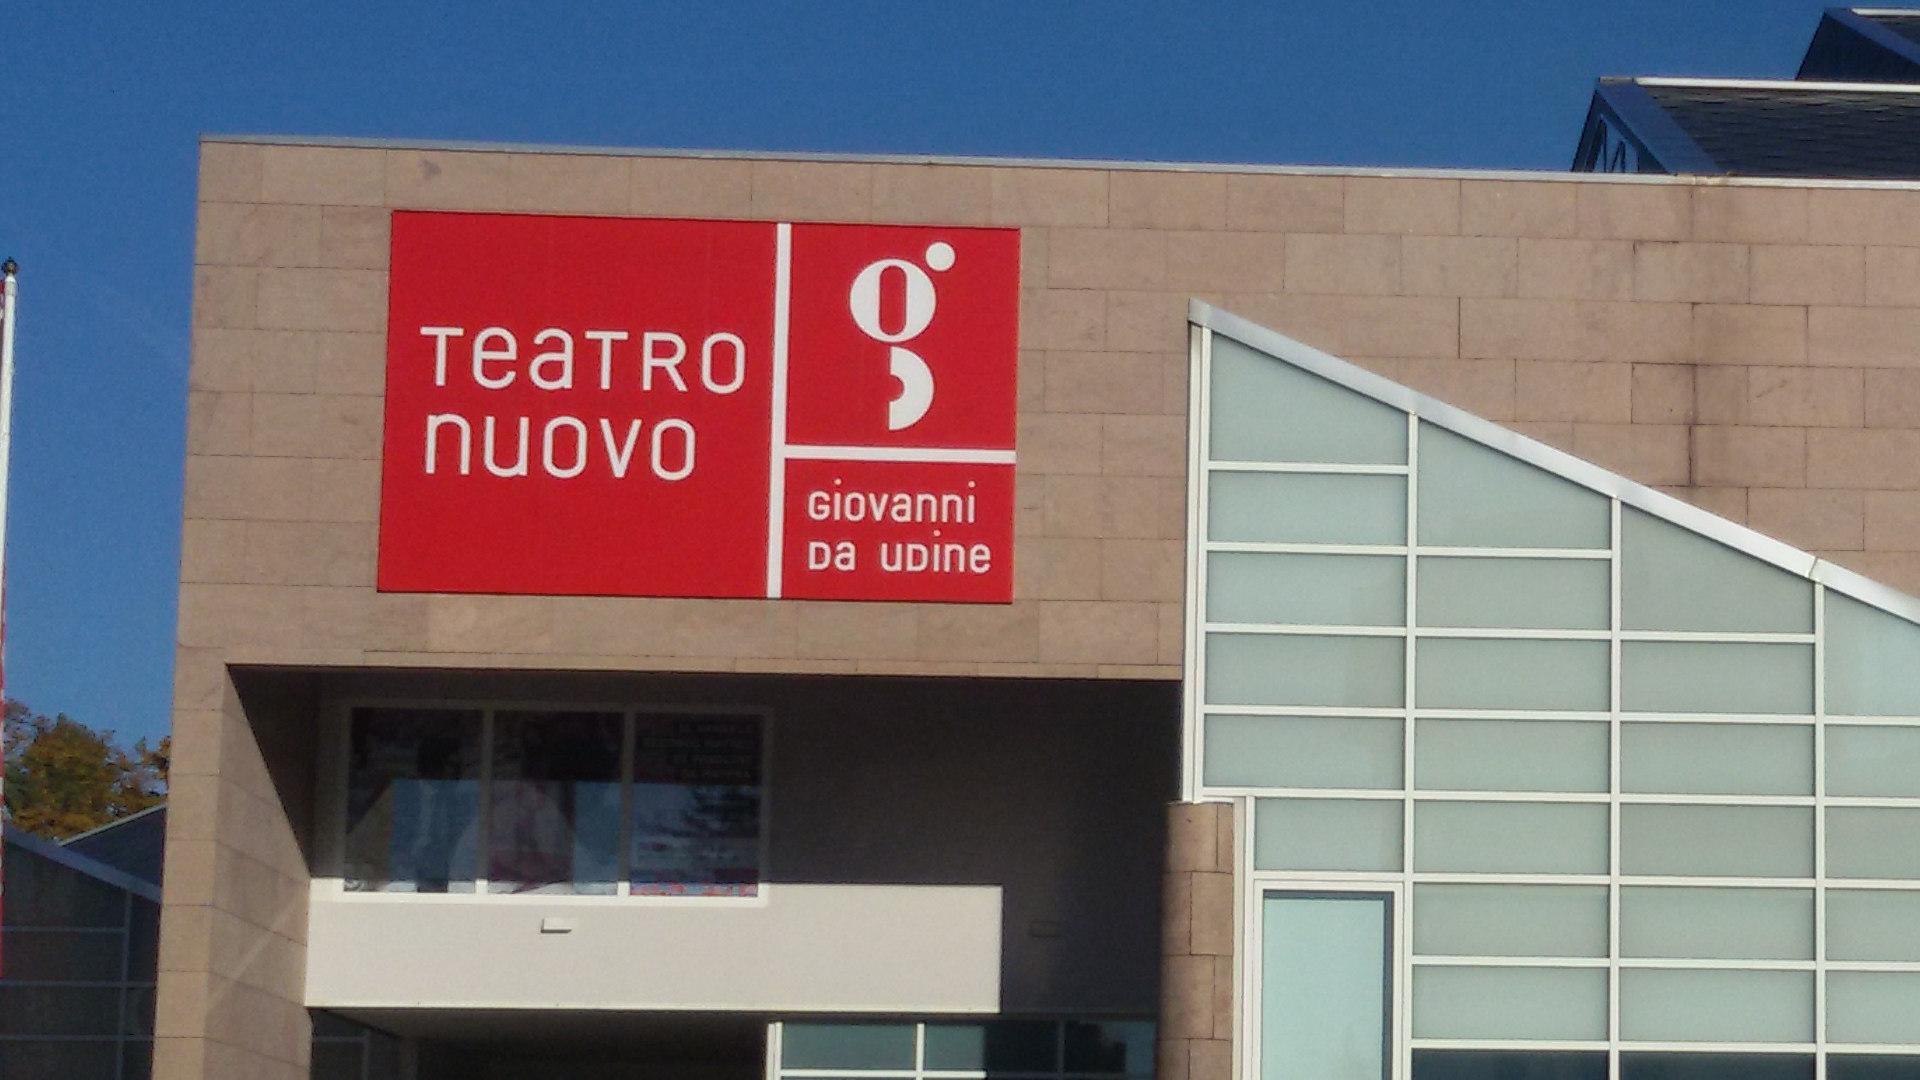 teatro giovanni da udine eventi - photo#26